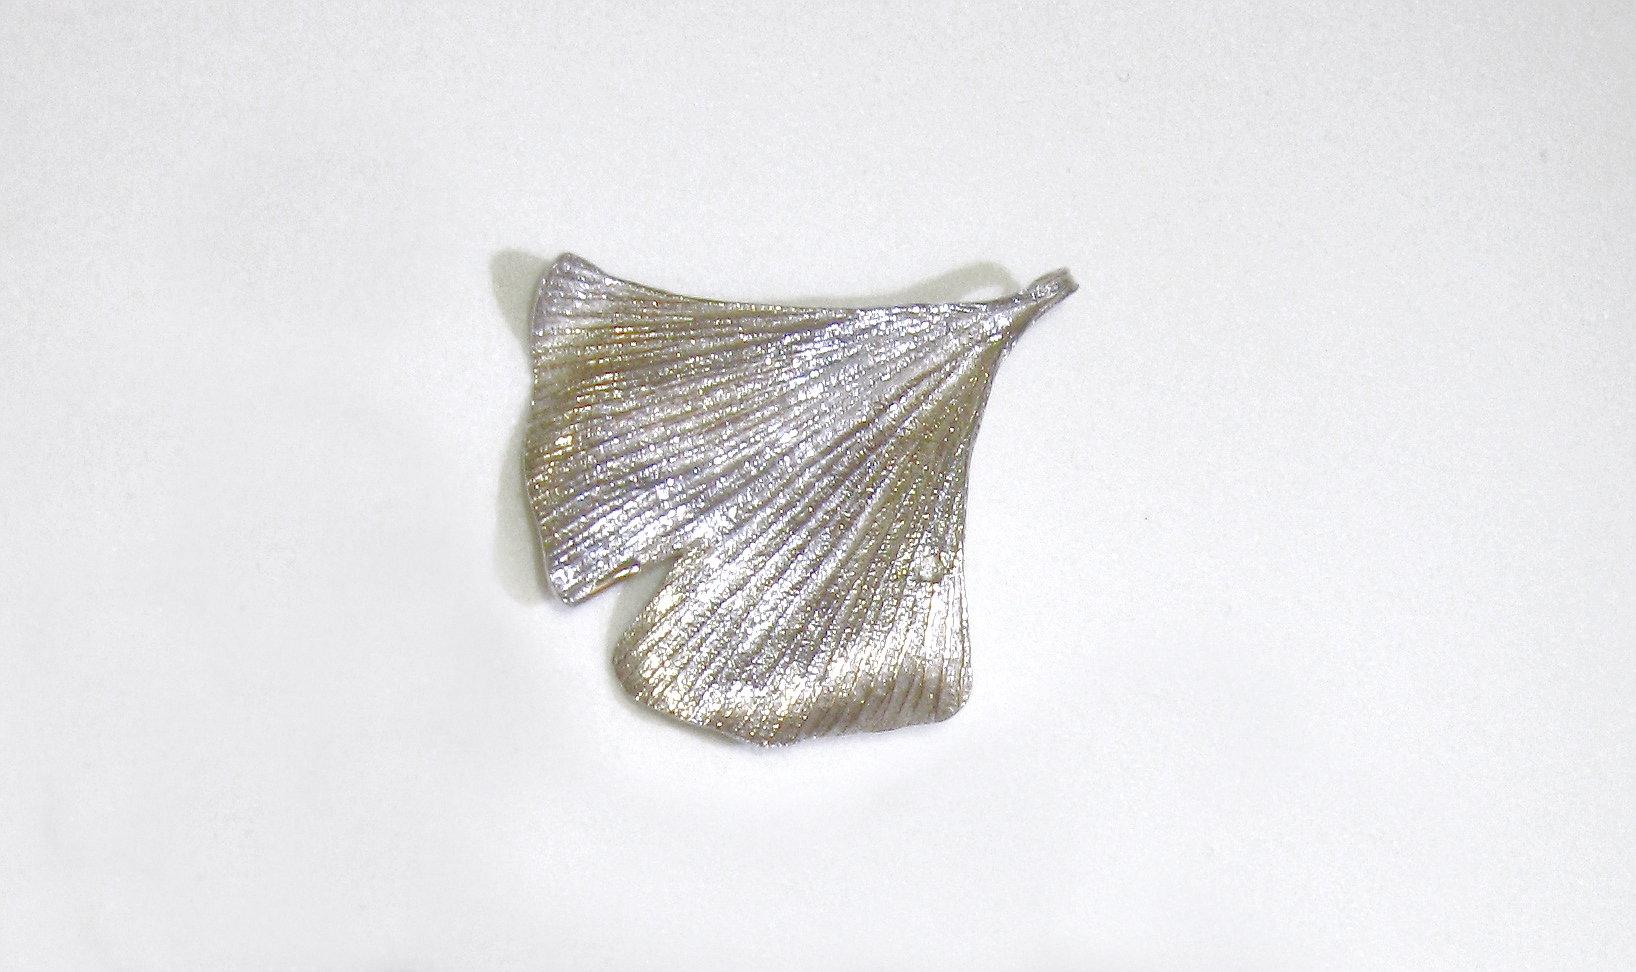 Gingko Biloba Amplexum Ezüst Medál